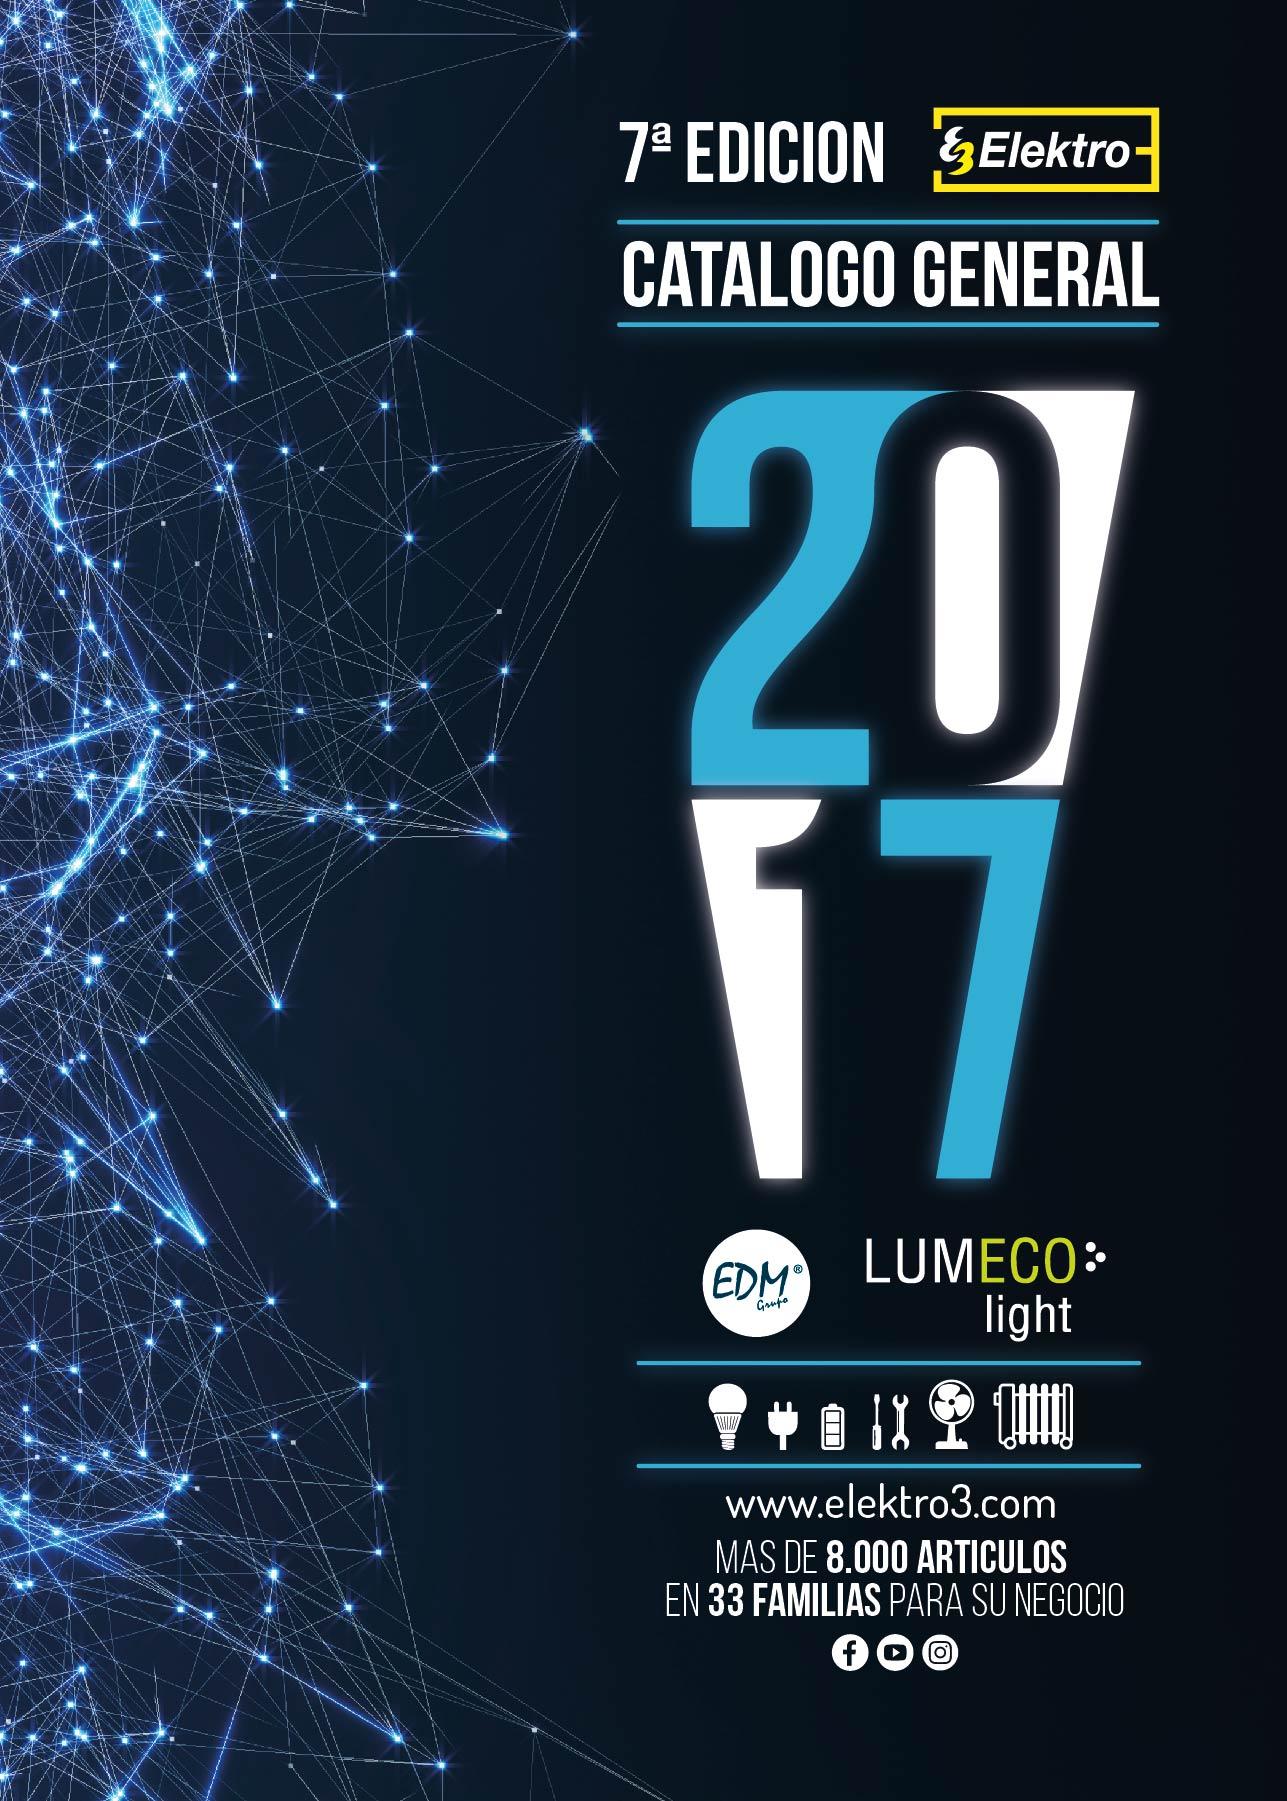 Novo catálogo geral Elektro3 2017 !!!